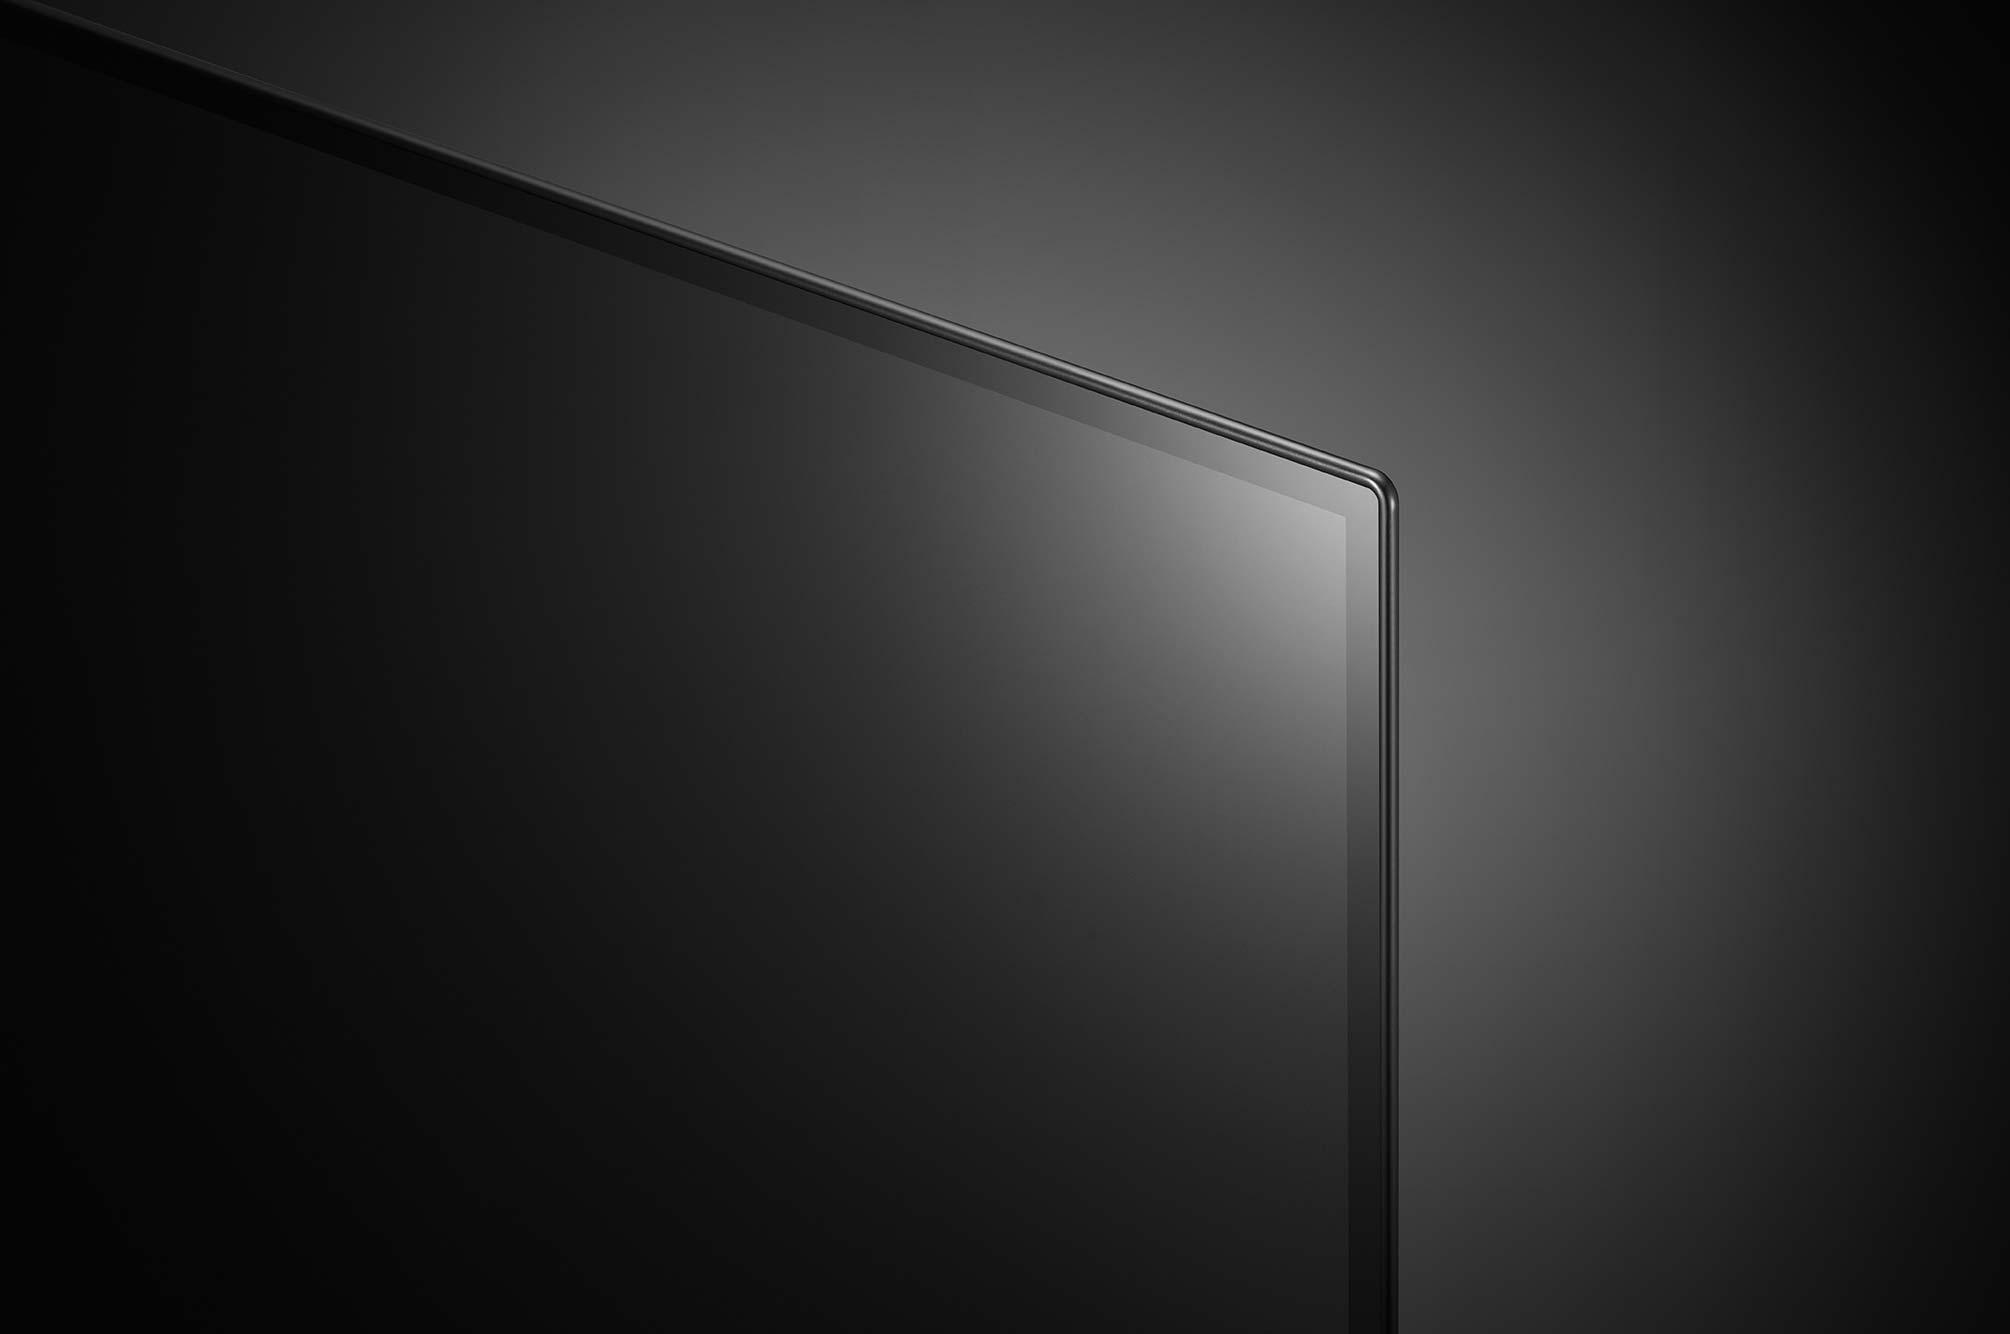 טלוויזיה 77 אינץ' דגם OLED 77B16LA/PVA  בטכנולוגיית LG OLED 4K Ultra HD אל ג'י - תמונה 9